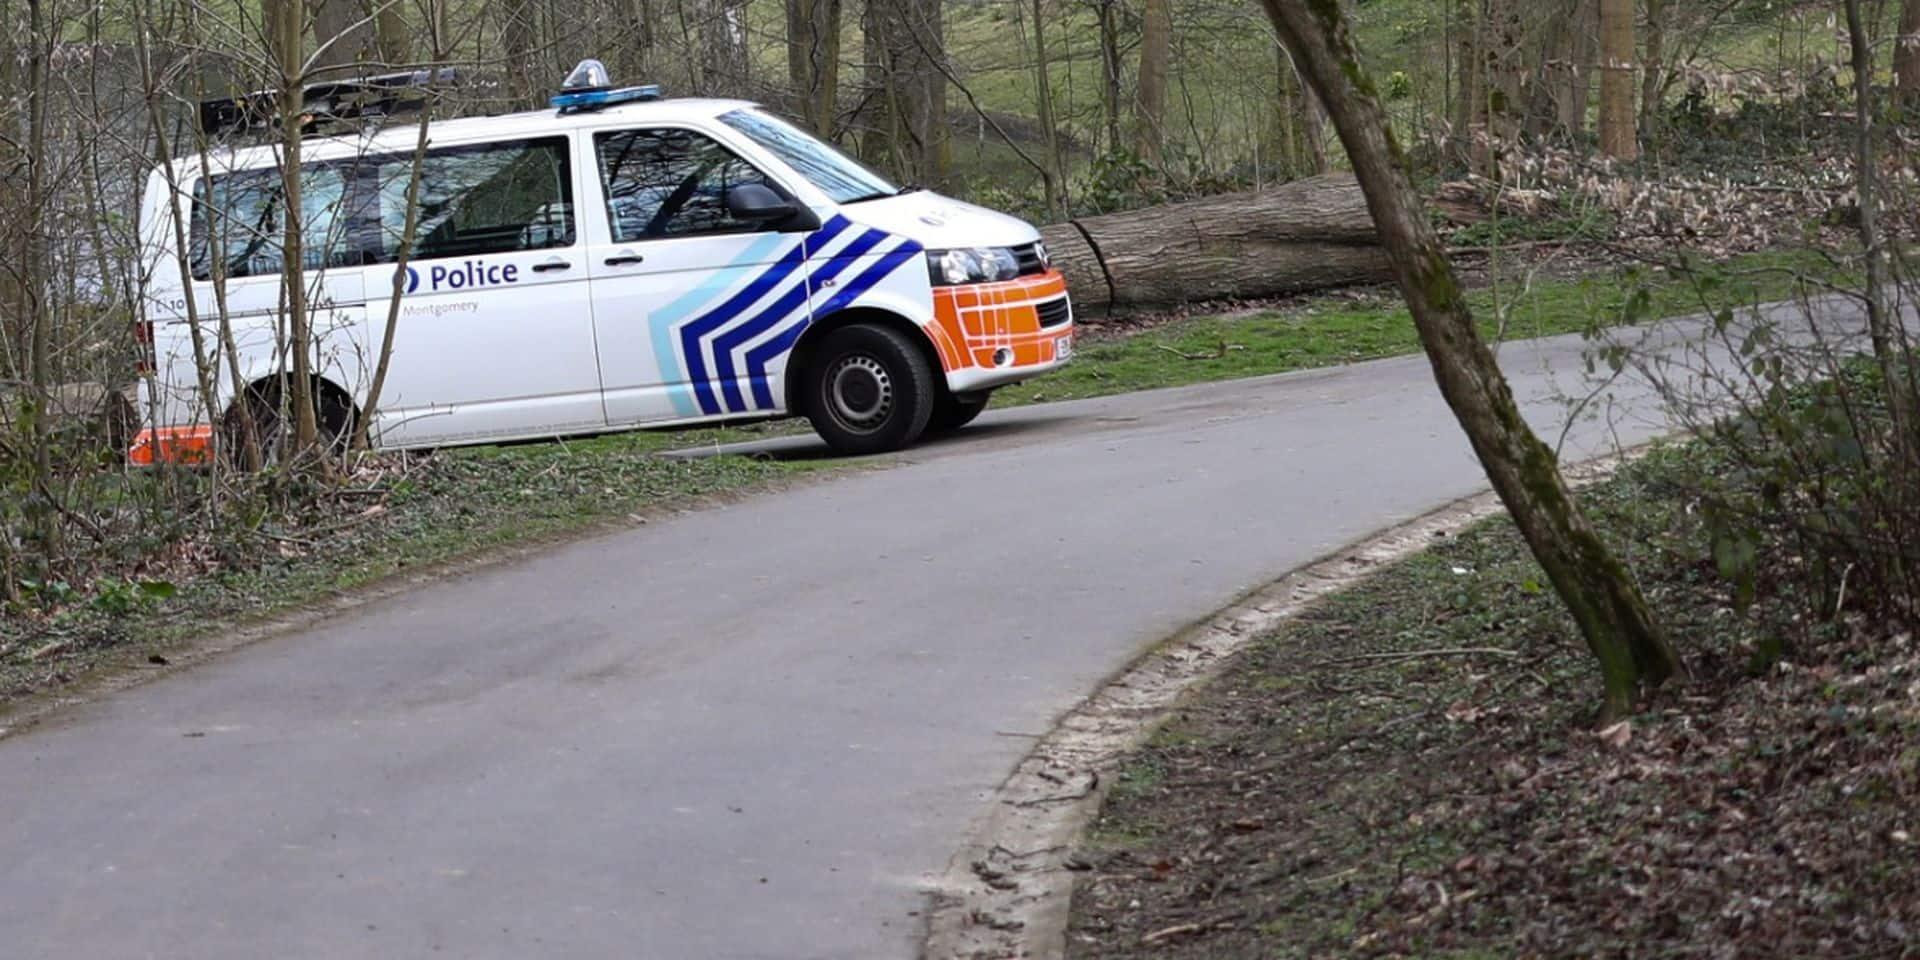 De 100 à 350 euros: dans trois communes bruxelloises, la police durcit le ton face au non-respect des règles de confinement